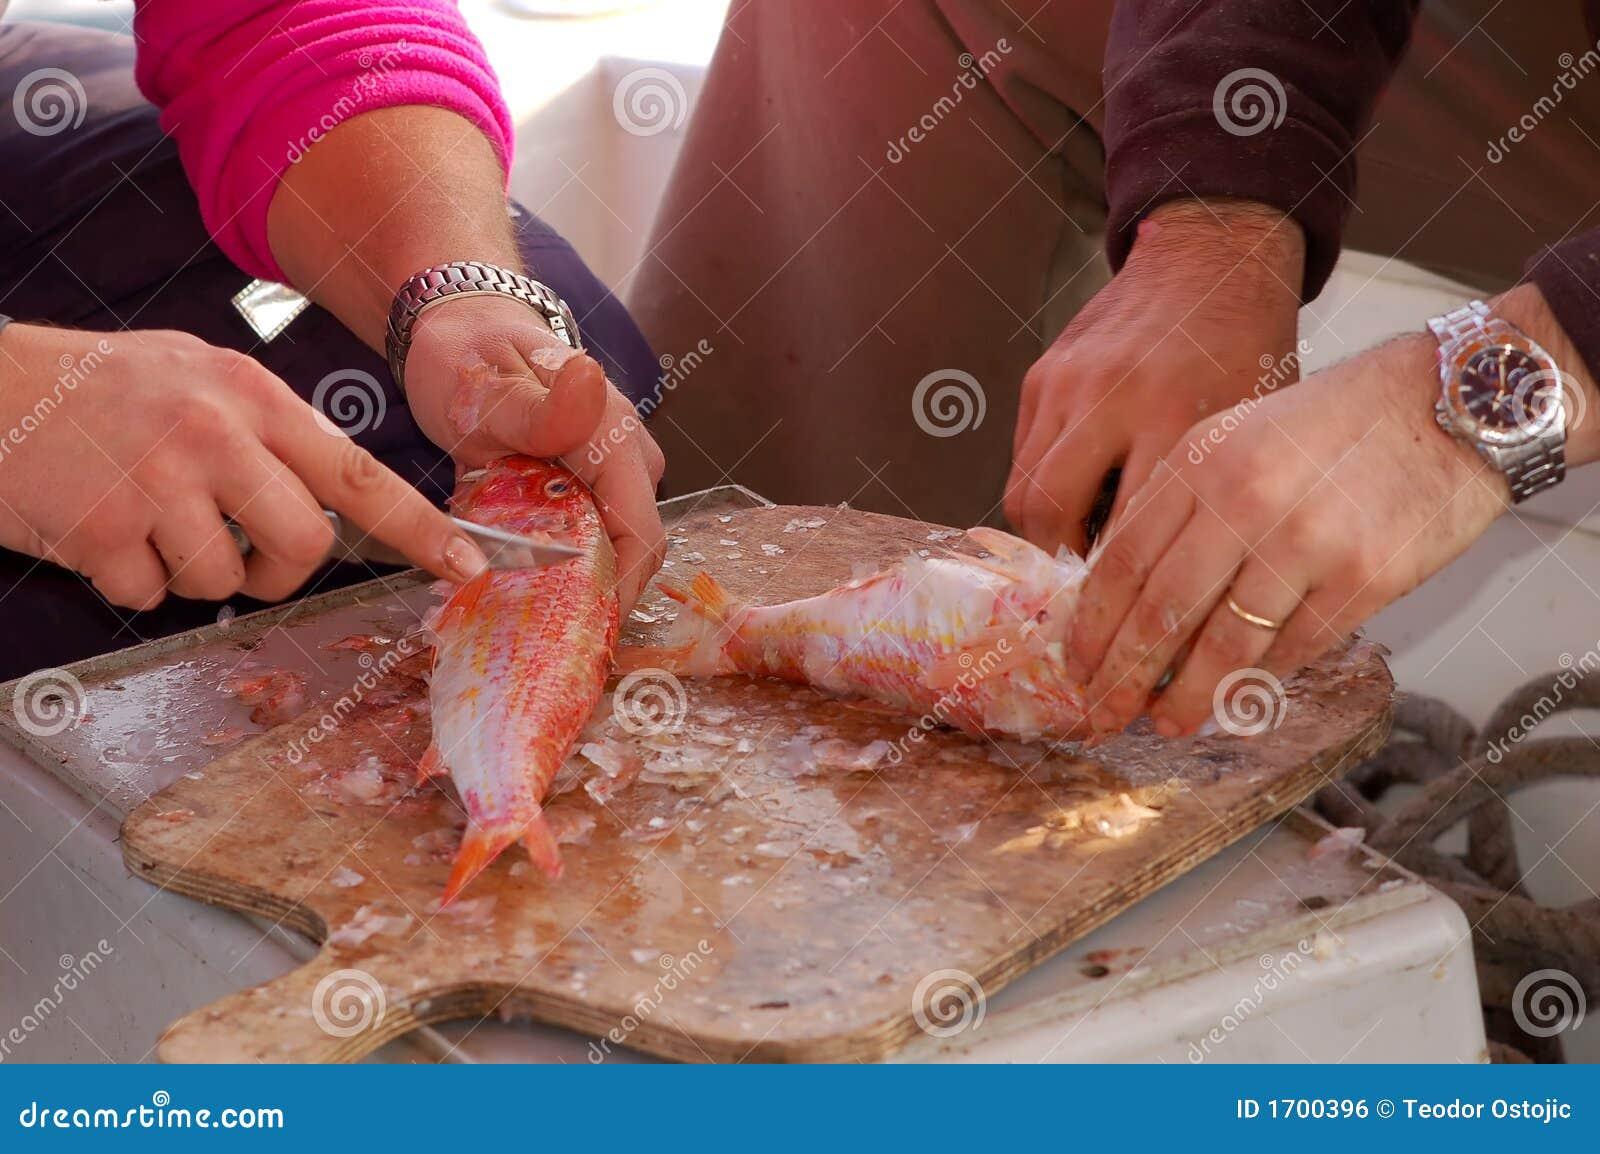 Fischenserie - Säubern eines frischen Fisches